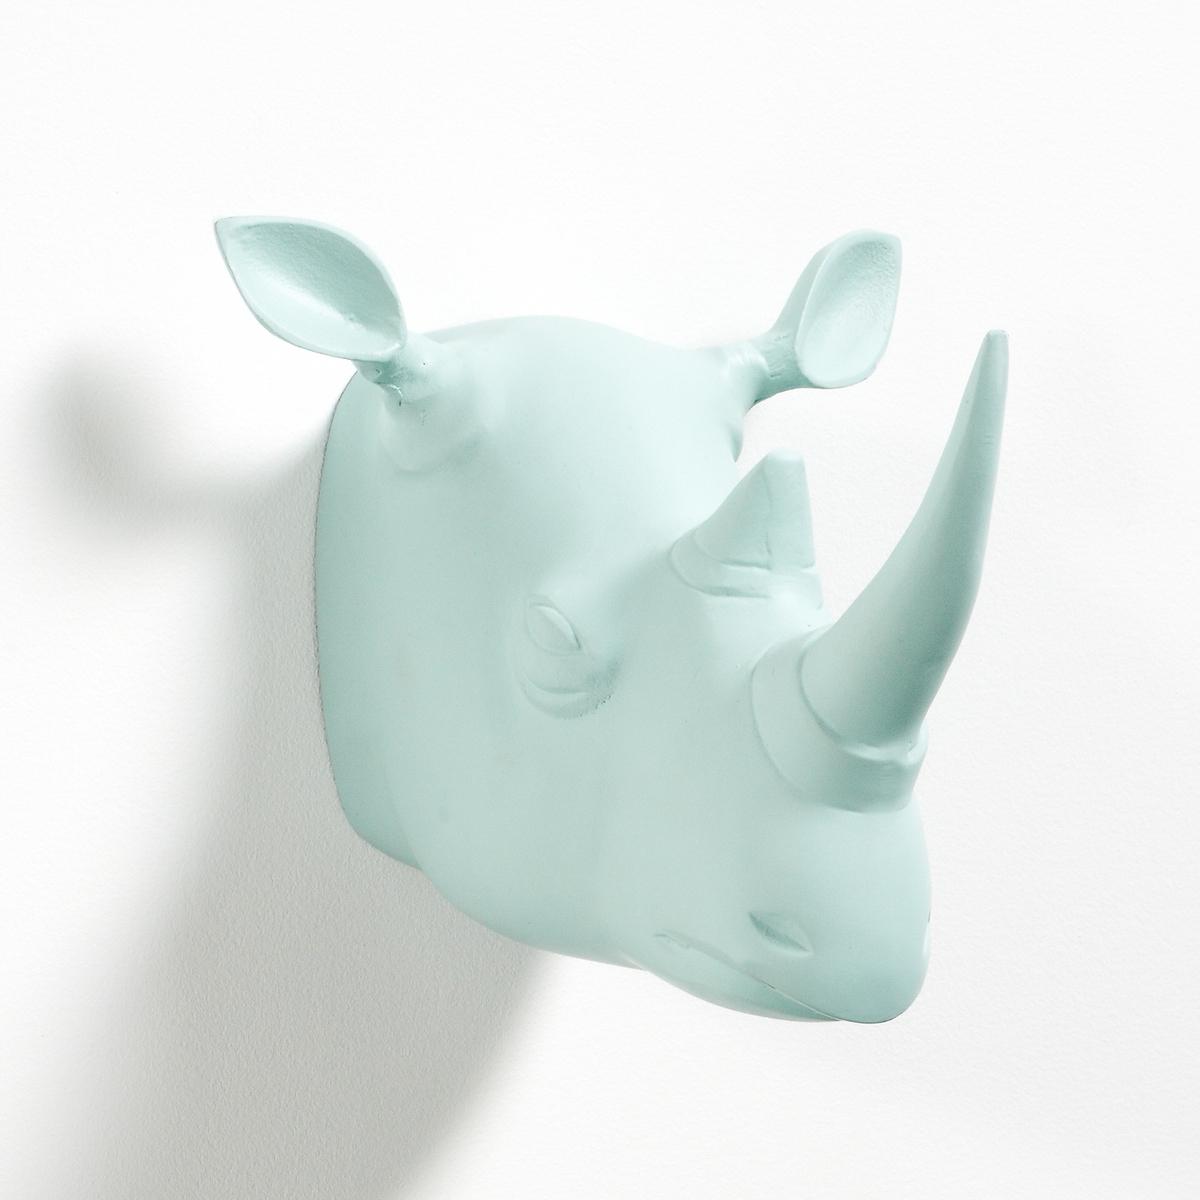 Голова носорогаГолова носорога. Сразу повесьте этот трофей на стену после воображаемого сафари. Характеристики трофея голова носорога :Алюминиевый кронштейн, покрытый эпоксидной краской + 1 пластина для крепления на стену (винты и дюбели продаются отдельно)Размеры трофея голова носорога :Г.23 x Ш.20 x В.18 см<br><br>Цвет: бледный сине-зеленый<br>Размер: единый размер